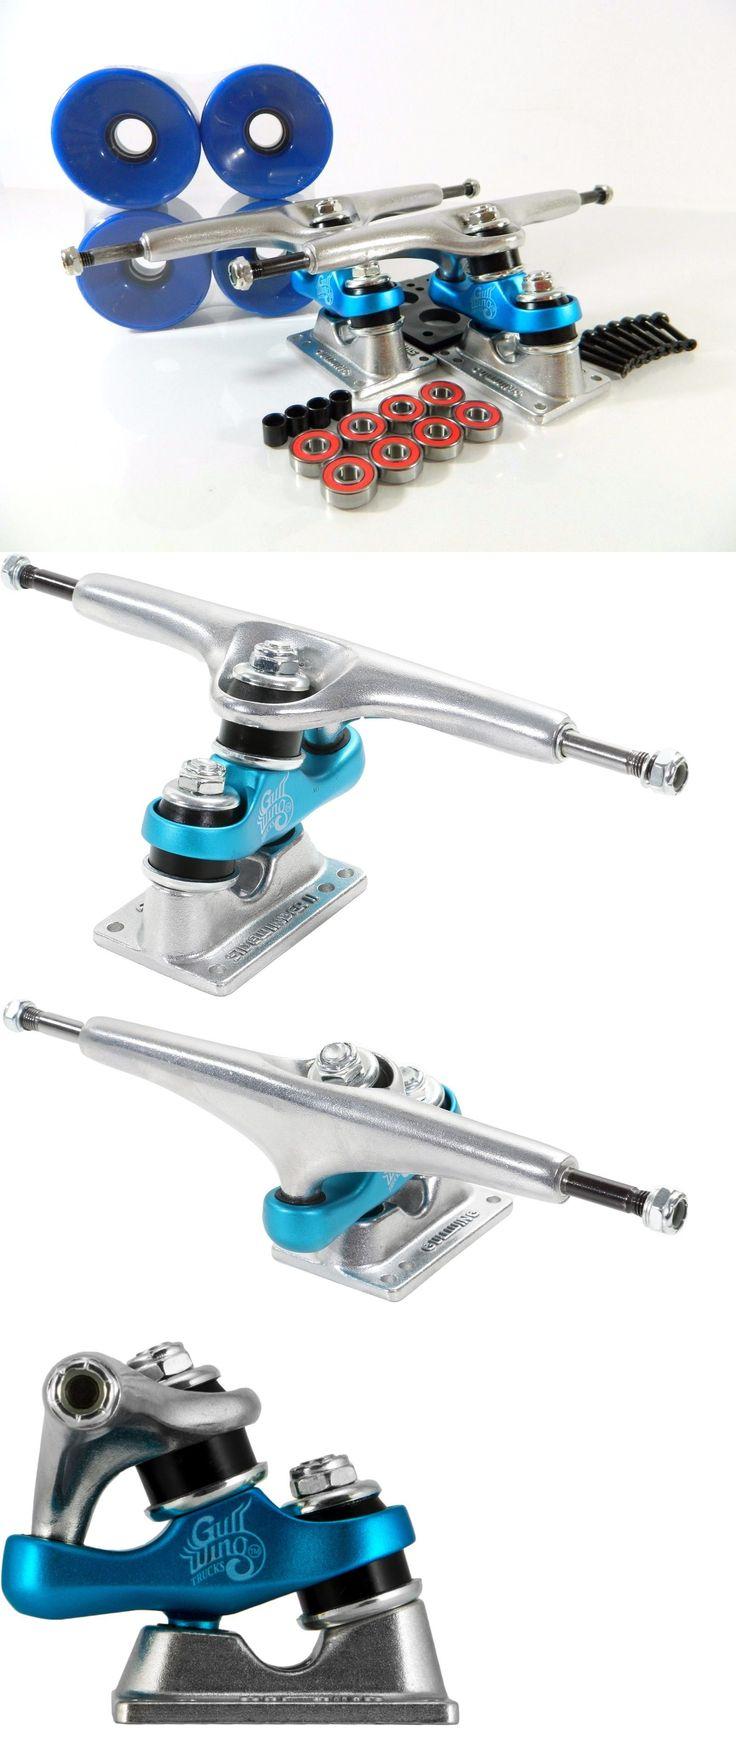 Trucks 165945: Gullwing Sidewinder Ii 10 Longboard Trucks + Blank Pro 76Mm 82A Blue Wheels -> BUY IT NOW ONLY: $69.99 on eBay!